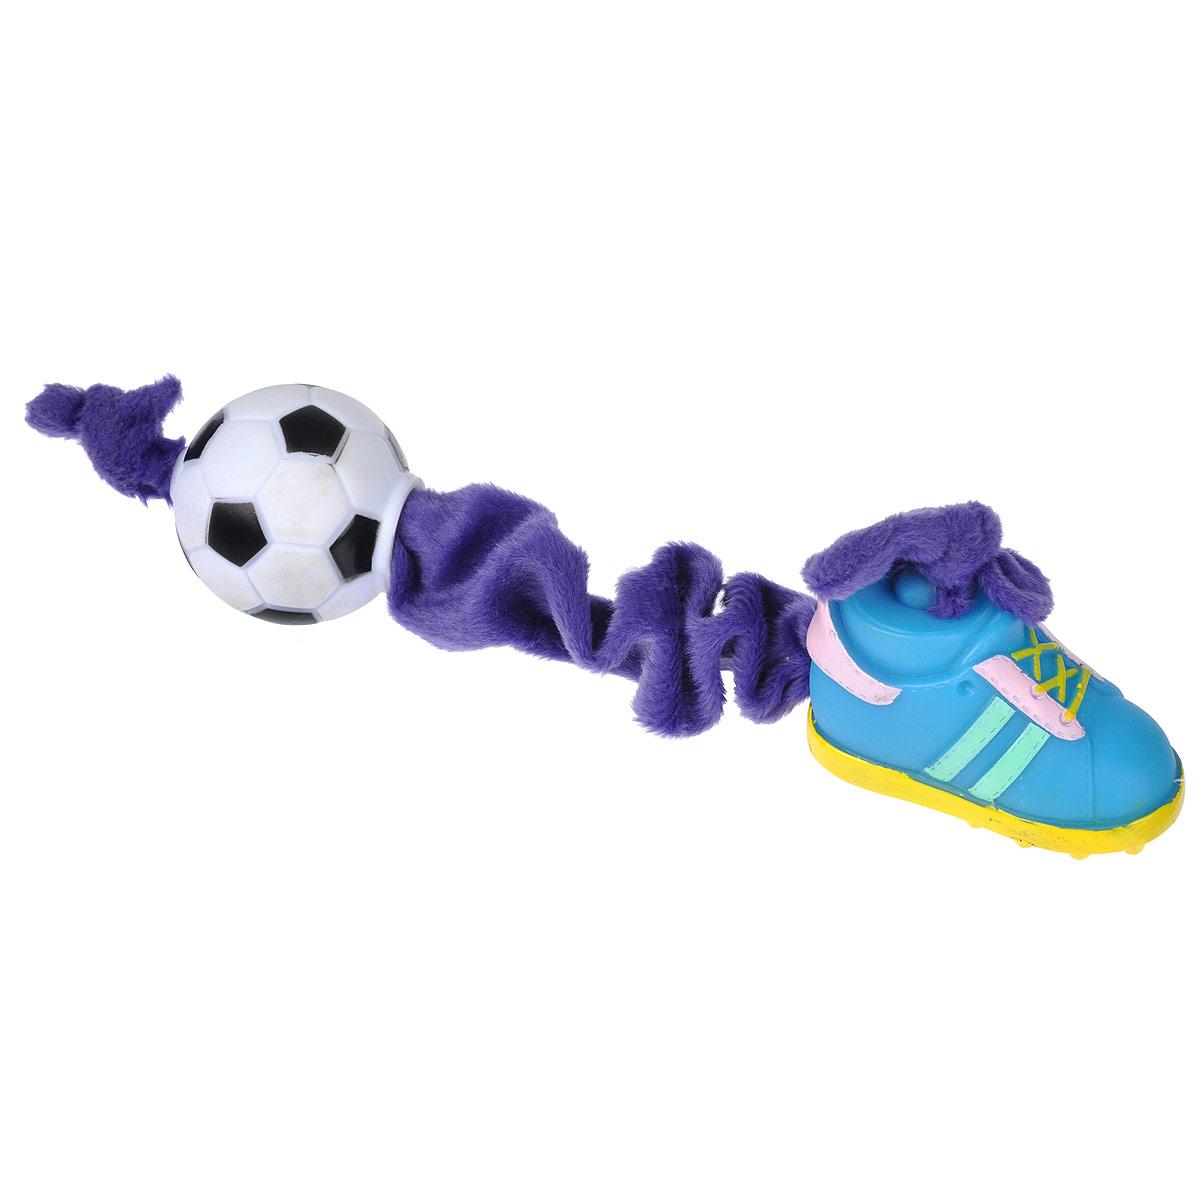 Игрушка для собак I.P.T.S. Ботинок и мяч, цвет: фиолетовый, голубой16269/620166Игрушка I.P.T.S. Ботинок и мяч, изготовленная из текстиля и резины, выполнена в виде мяча с одной стороны и ботинка с другой. Эластичная веревка позволяет собаке активно играть. Такая игрушка не навредит здоровью вашего питомца и увлечет его на долгое время.Общая длина игрушки: 24-32 см. Диаметр мяча: 5 см. Размер ботинка: 7,5 см х 4 см х 5,5 см.